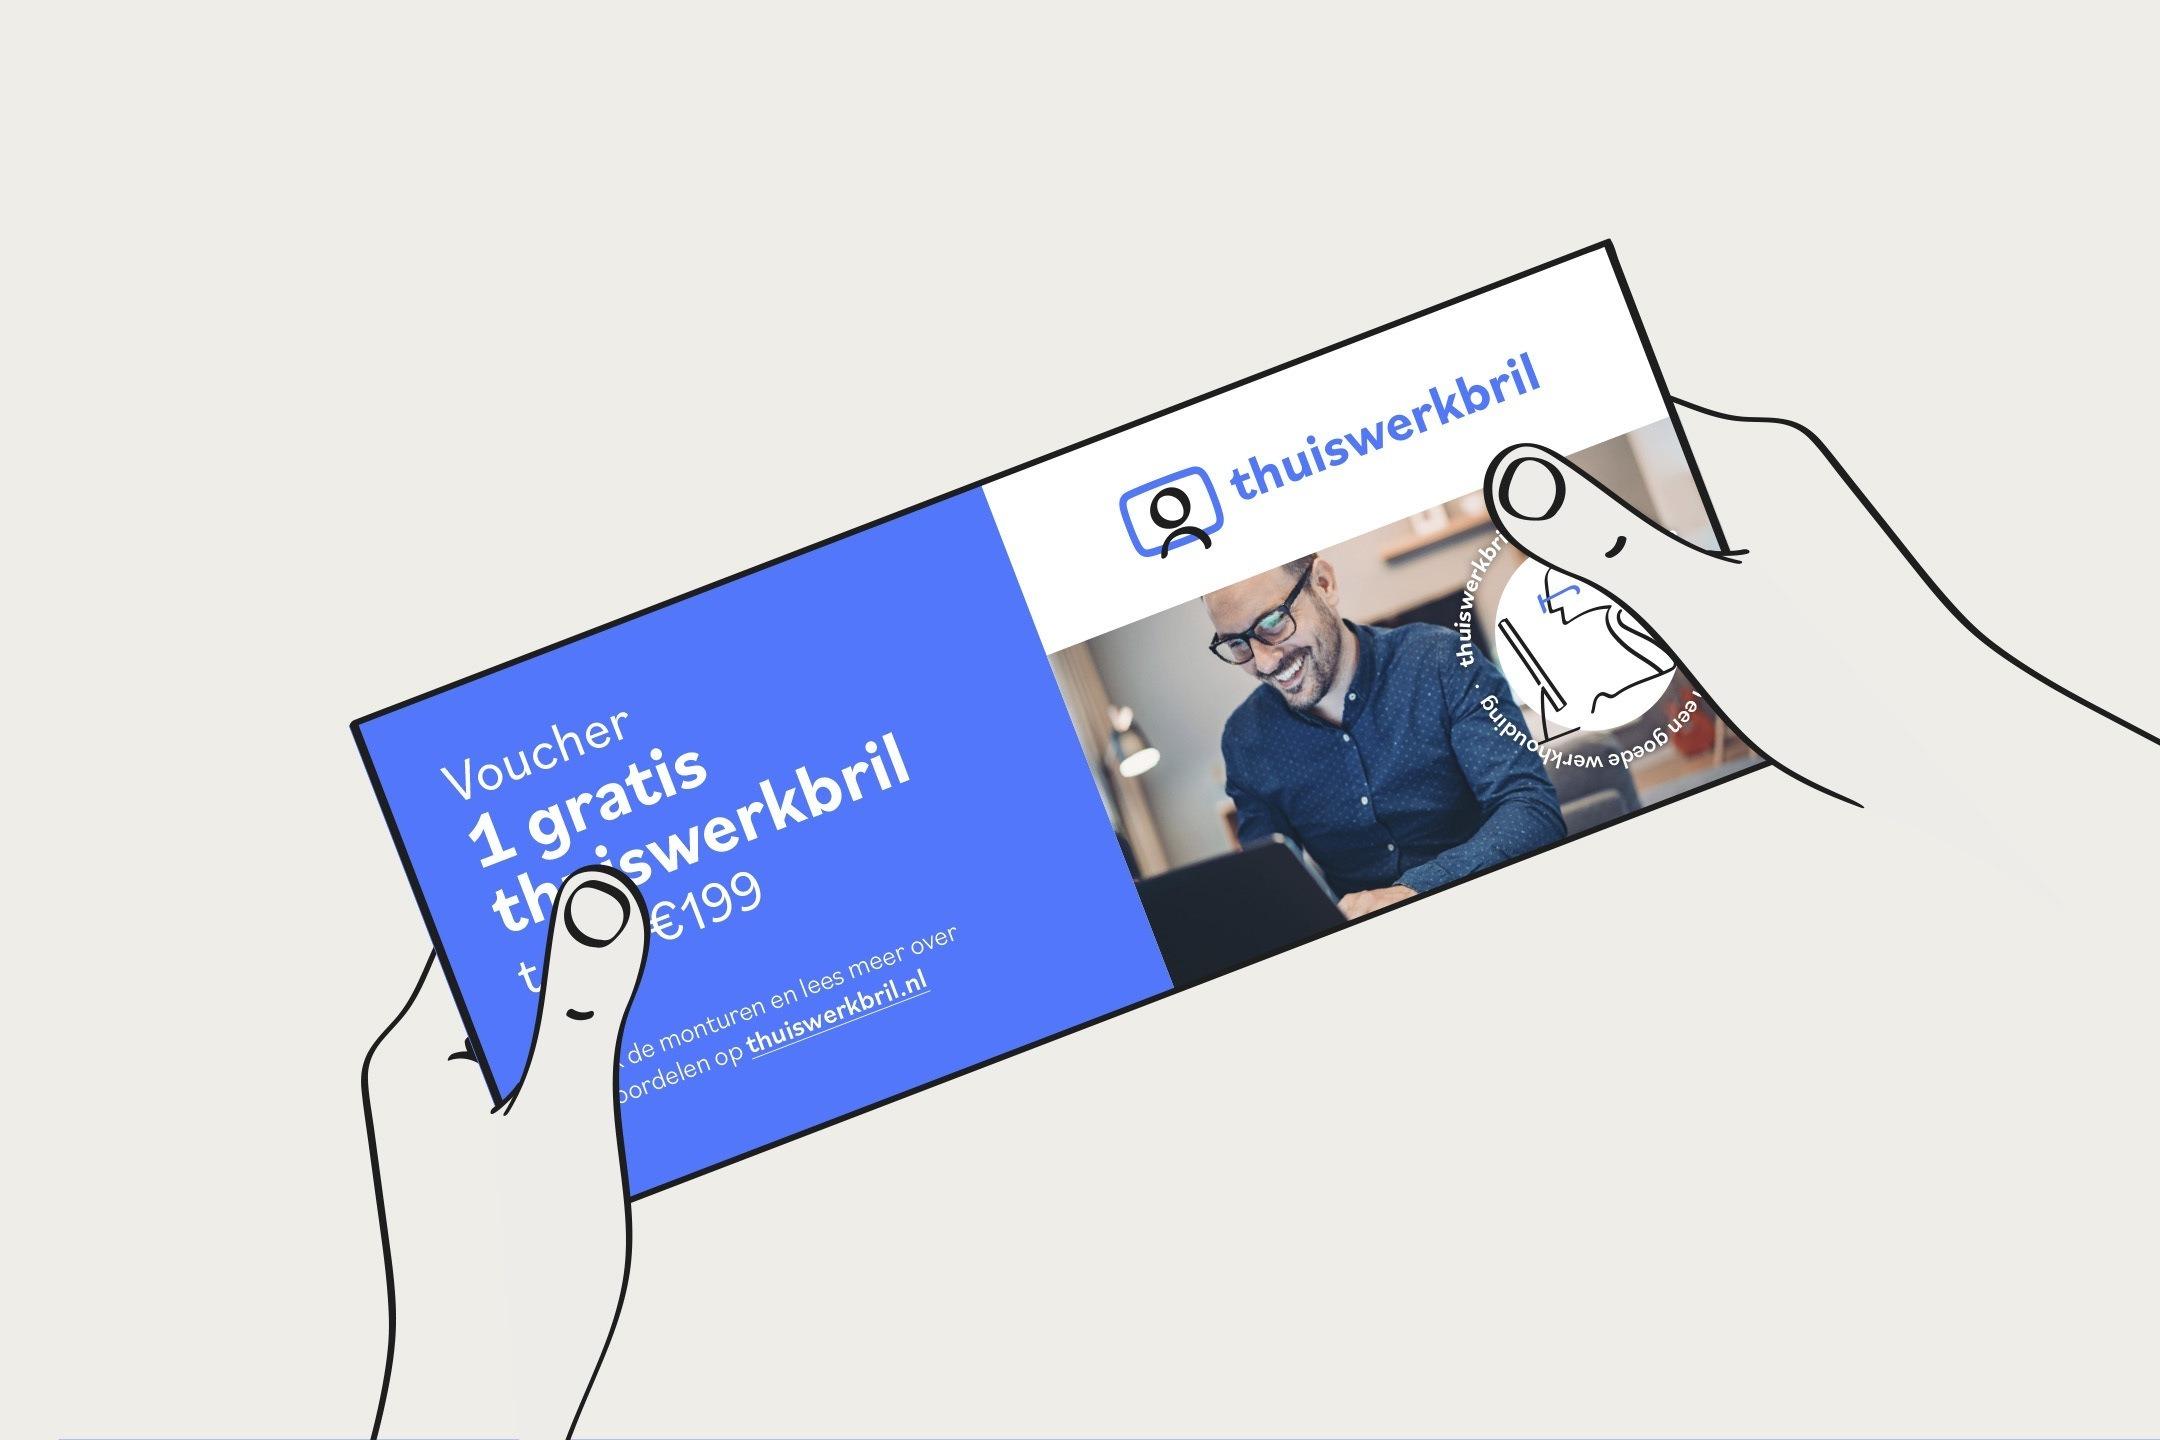 thuiswerkbril-voucher_3_20201016_135145